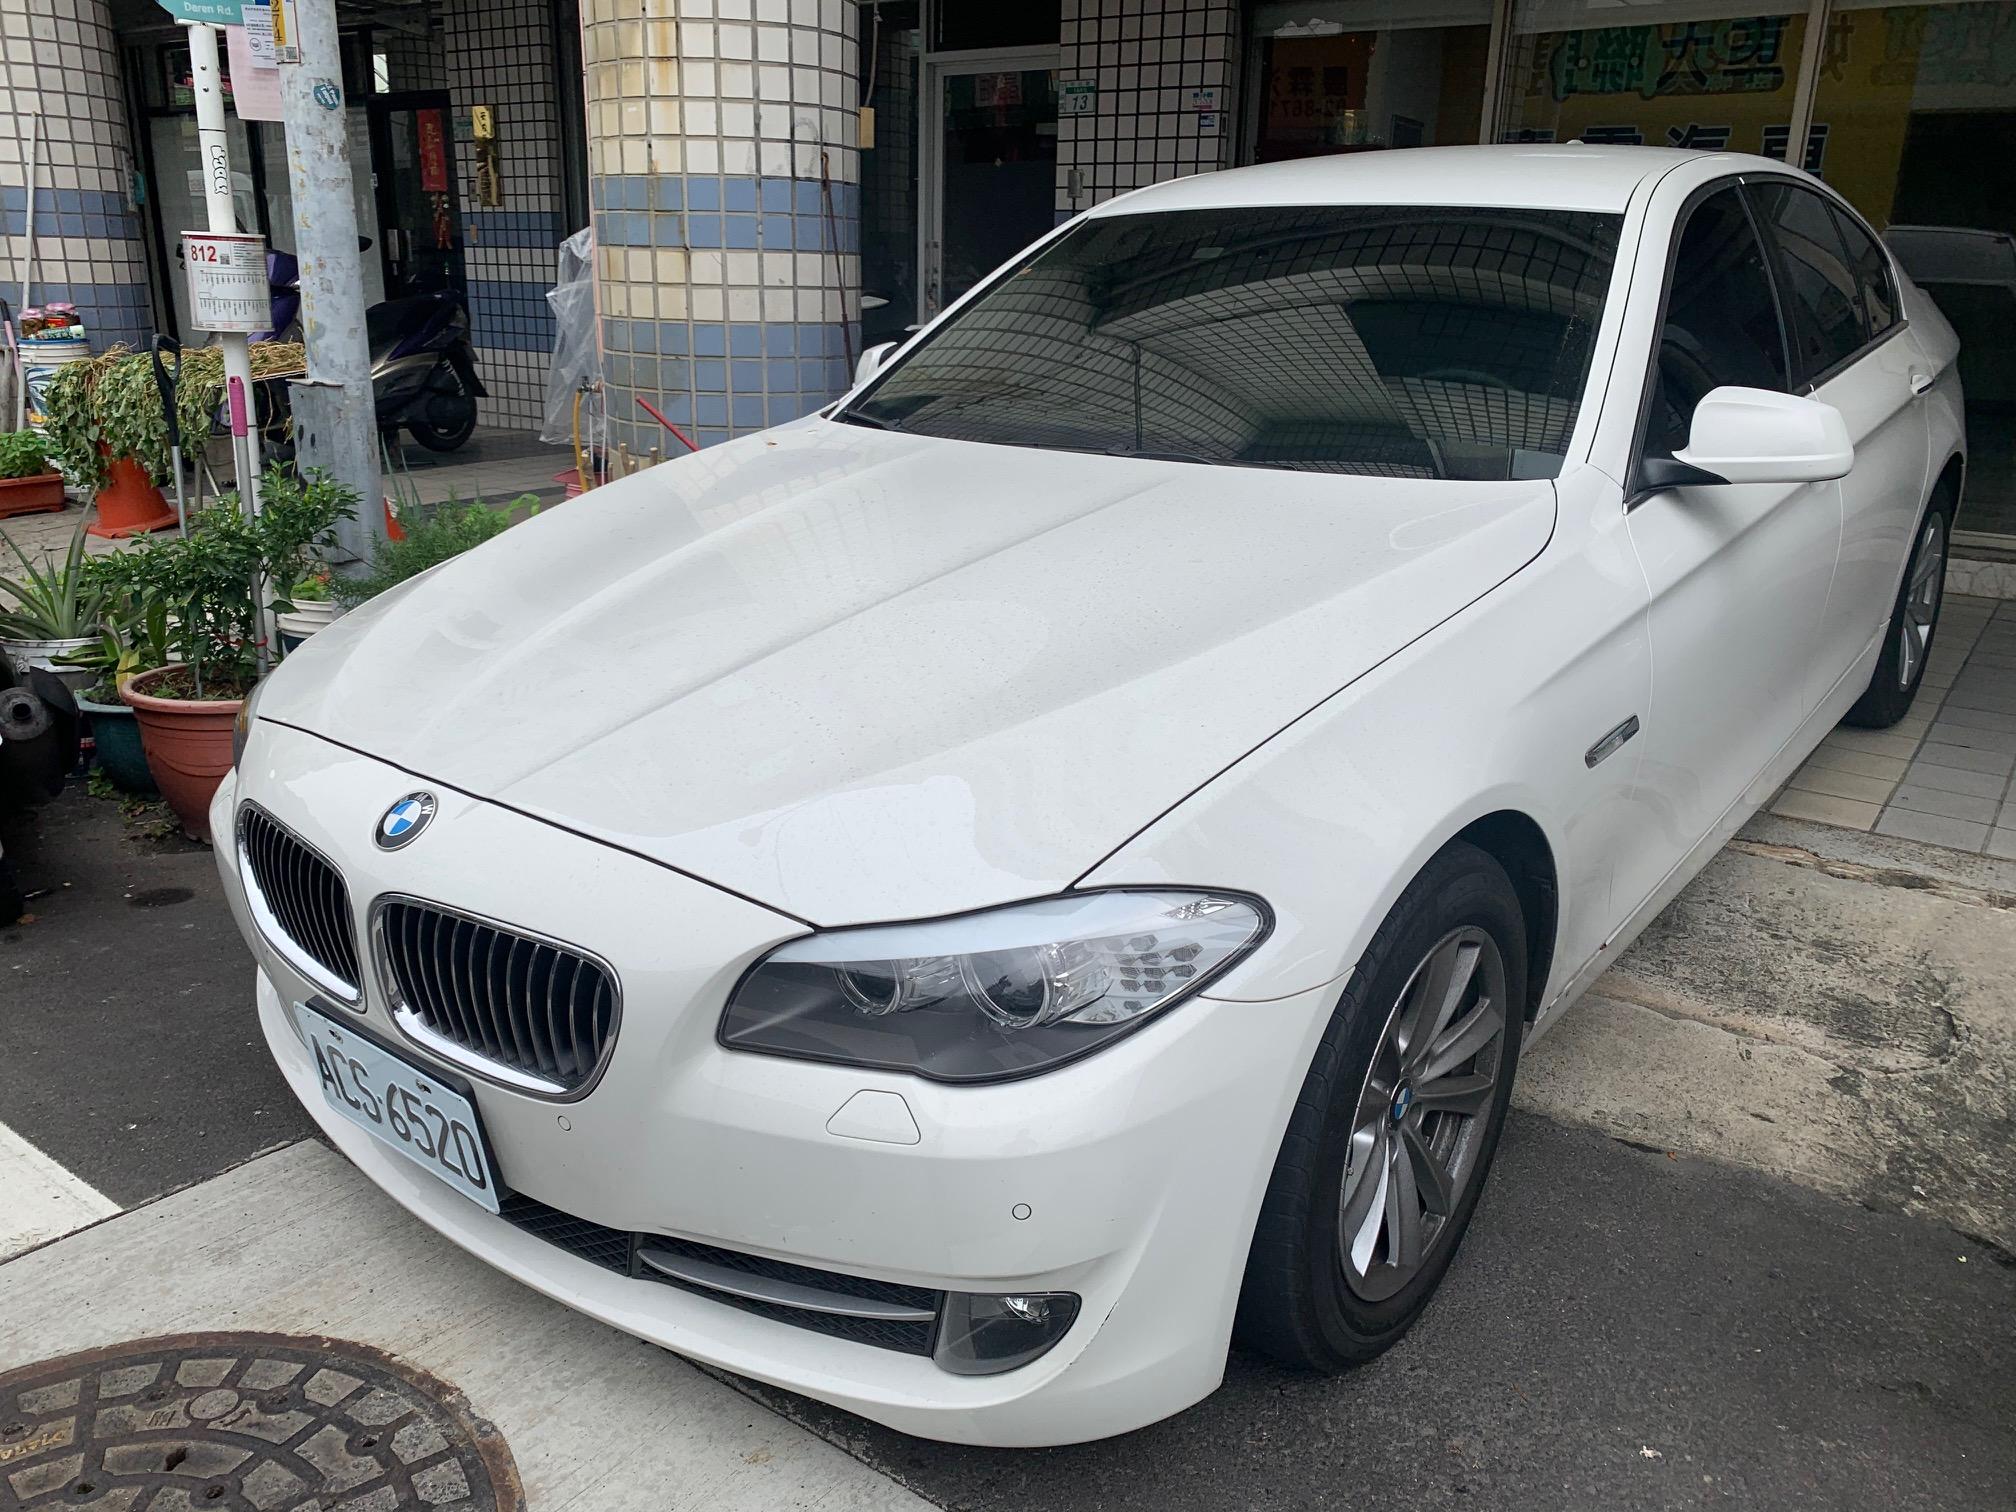 2013 BMW 寶馬 5-Series Sedan